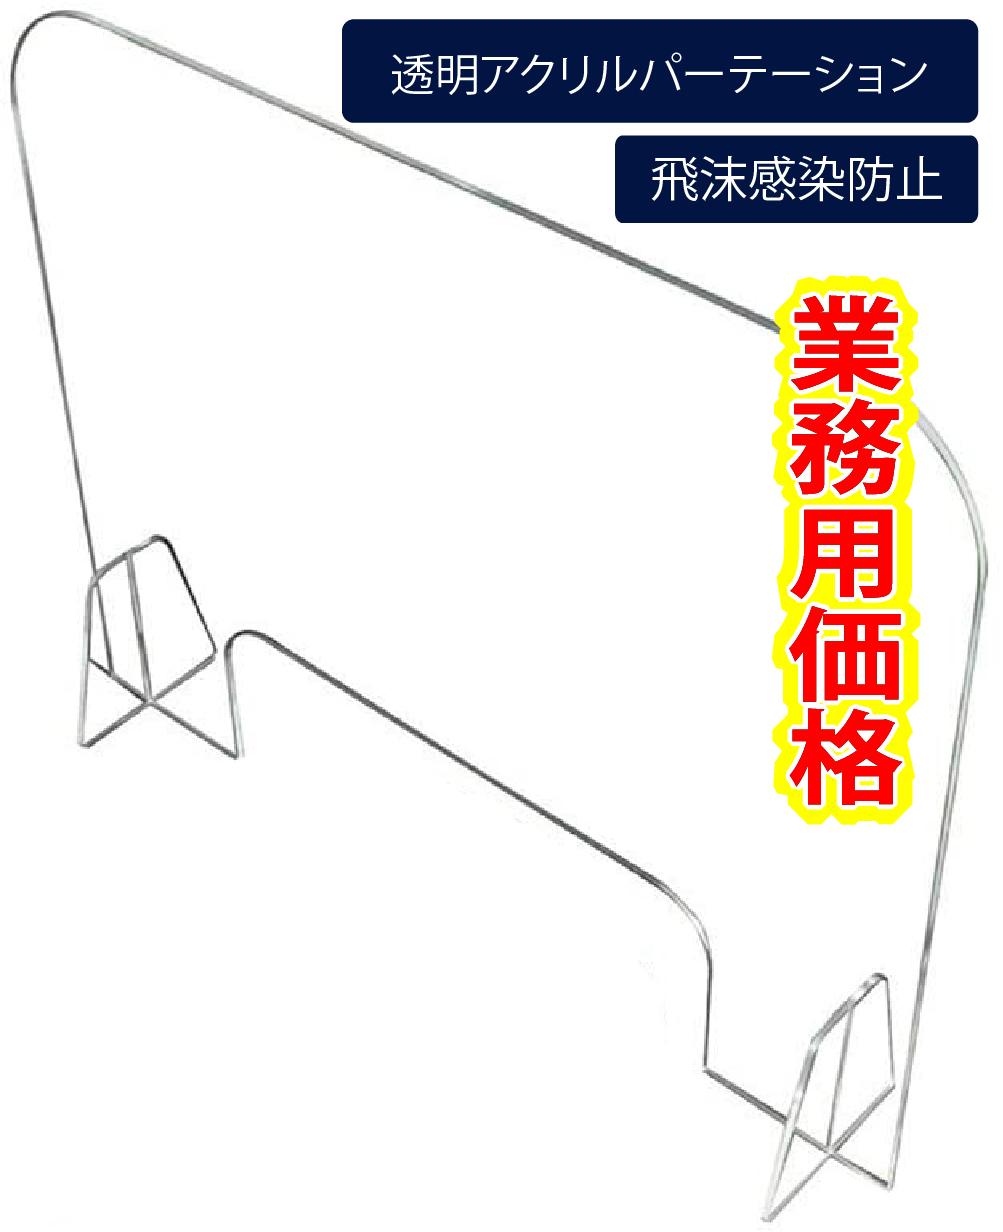 【業務用価格】スニーズガード透明アクリル板パーテーション感染症対策飛沫感染防止アクリルパネル6枚